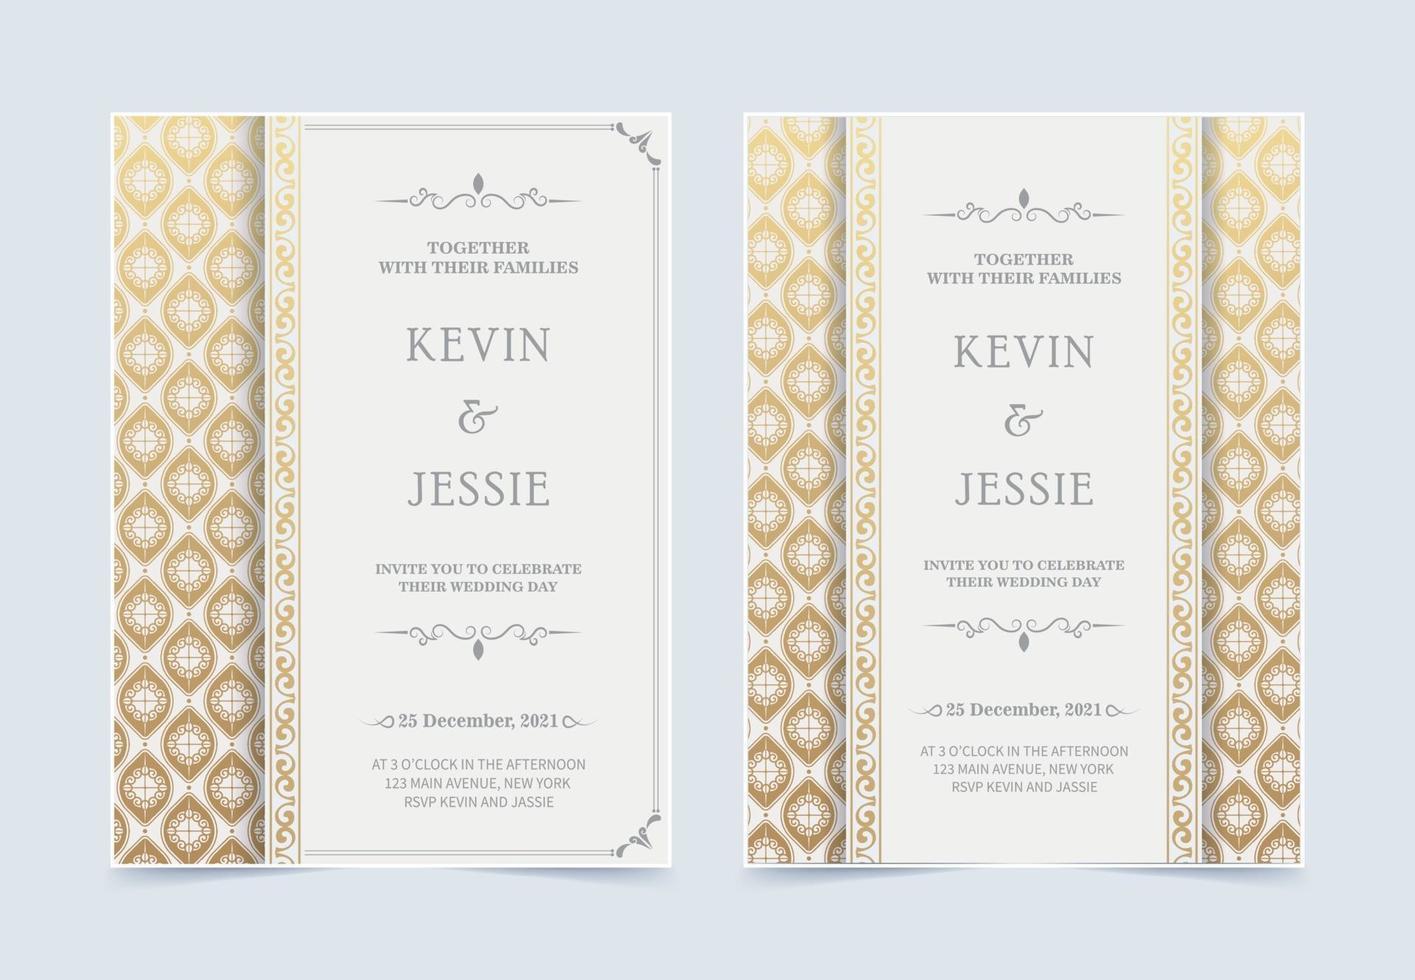 Luxus weiße Hochzeitseinladung mit goldenem Muster vektor